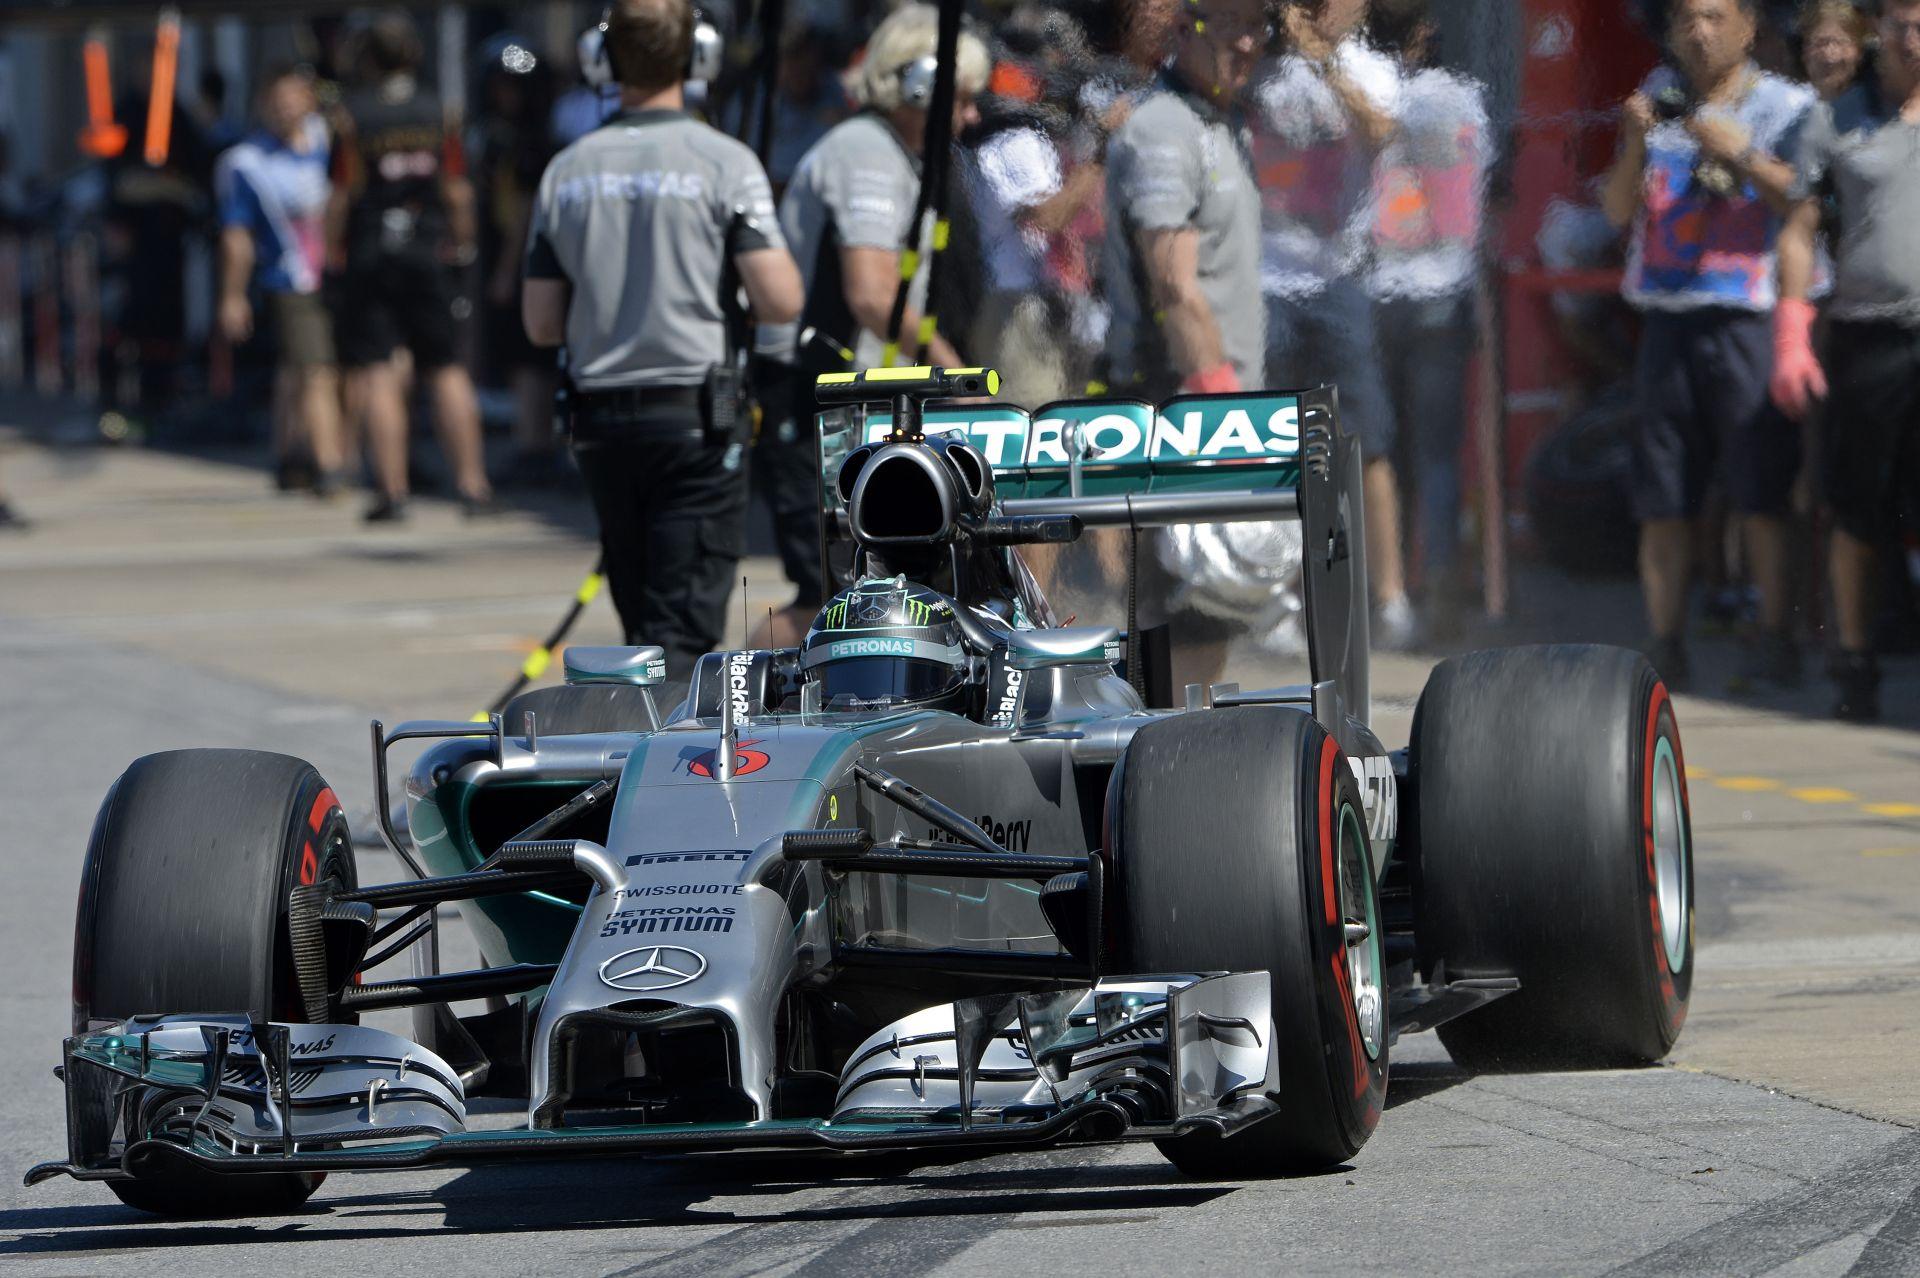 Rosberg motorjából 160 lóerő hiányzott a montreali futam végén